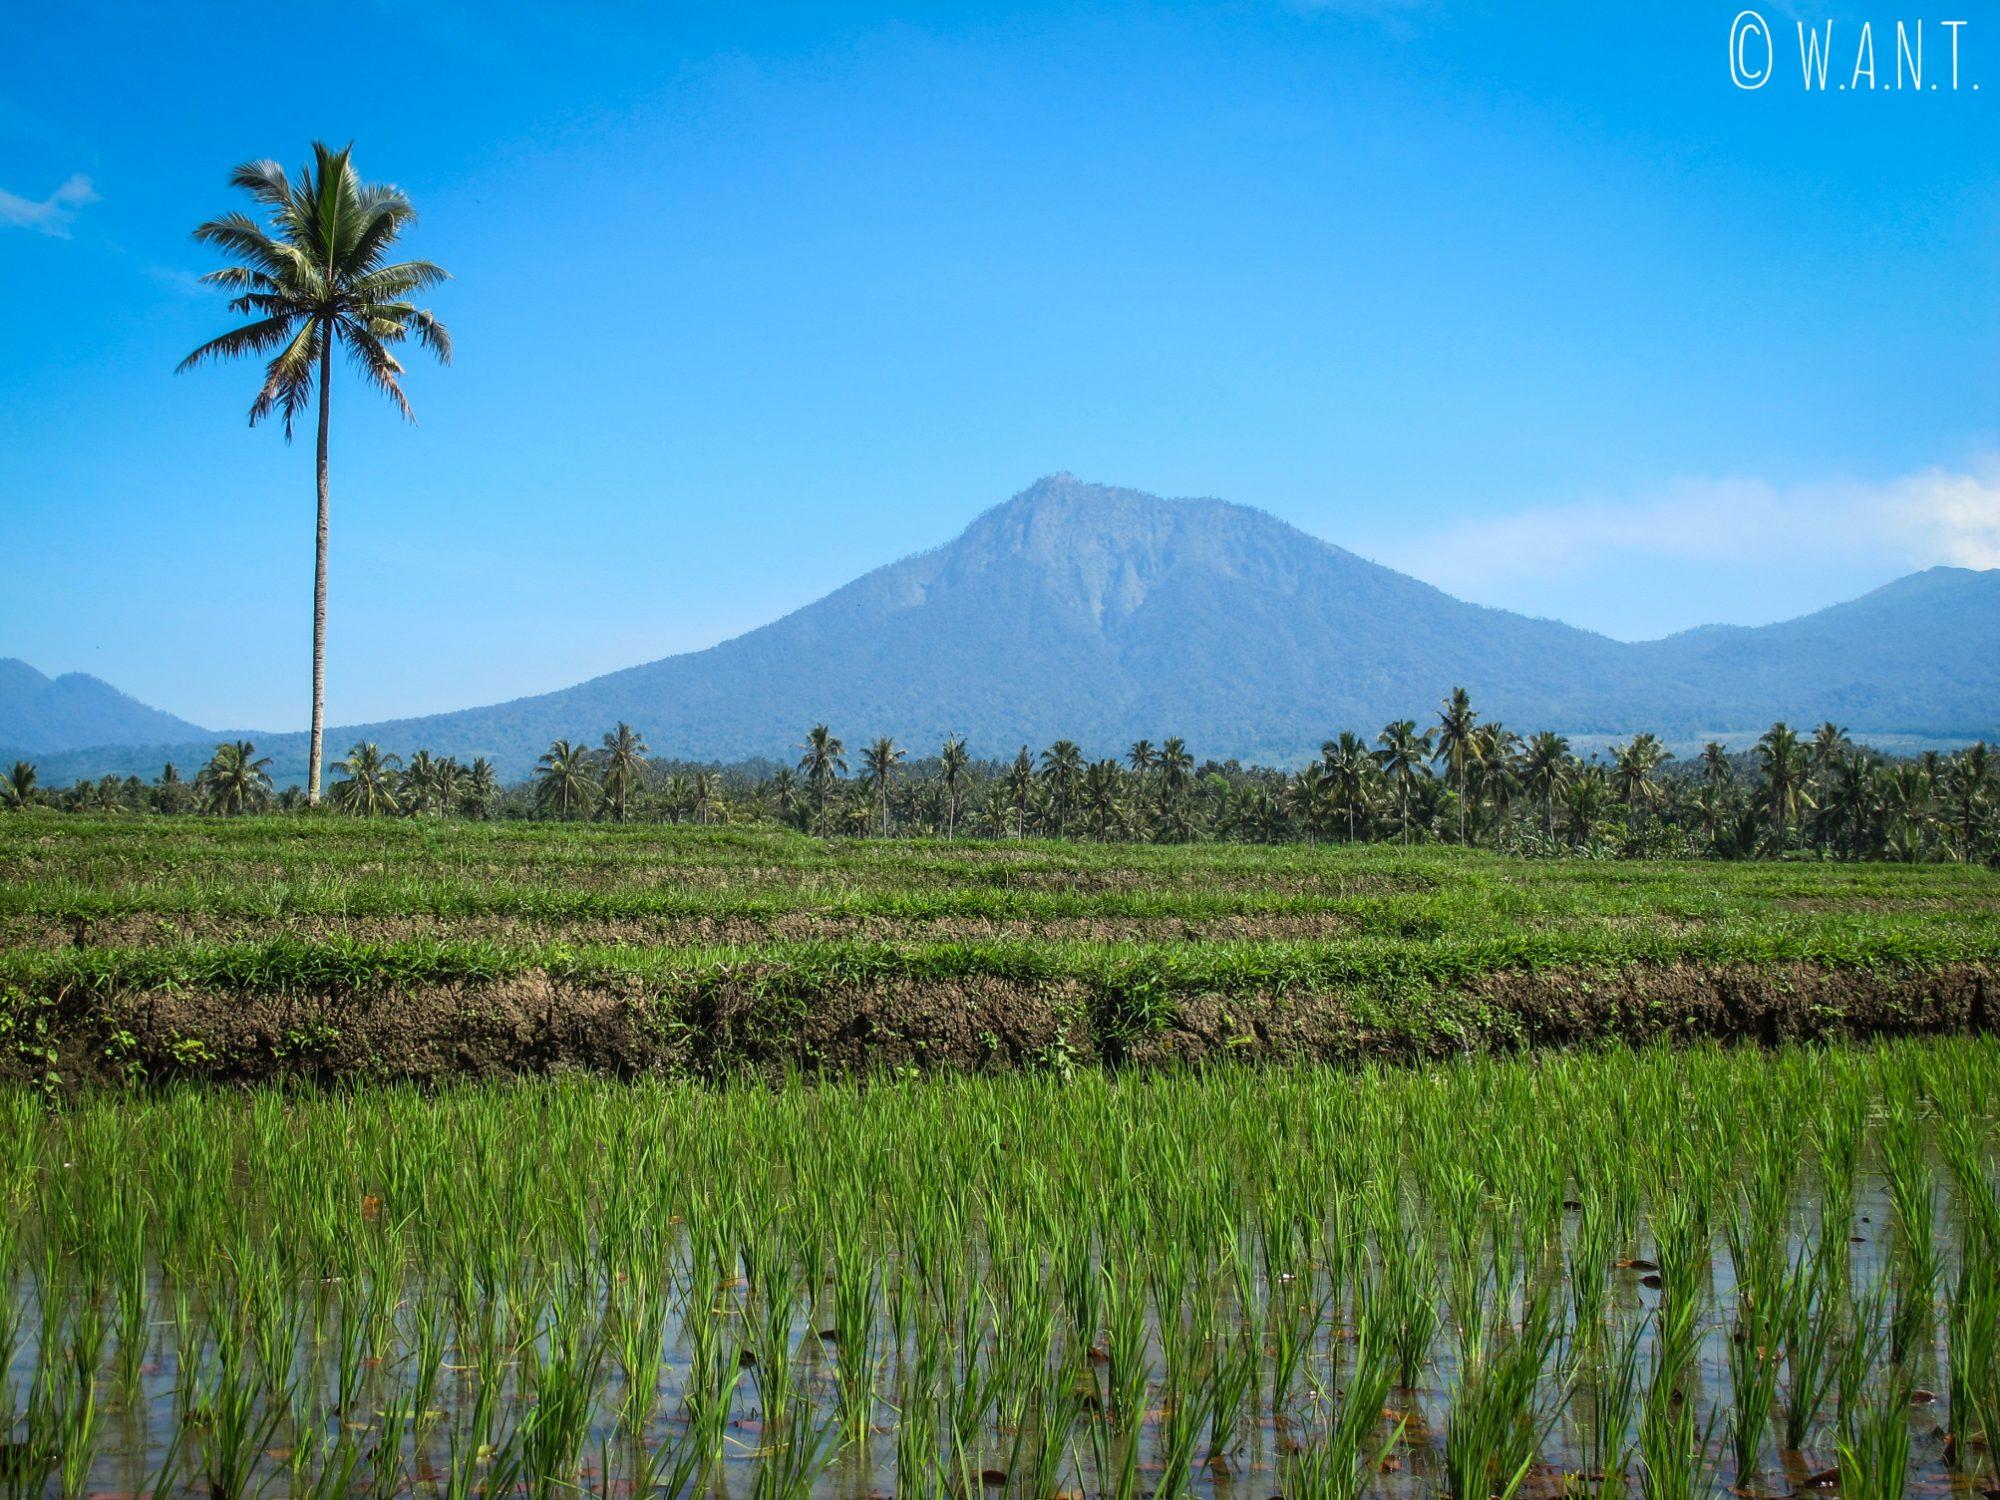 Vue sur l'Ijen depuis les rizières de Licin